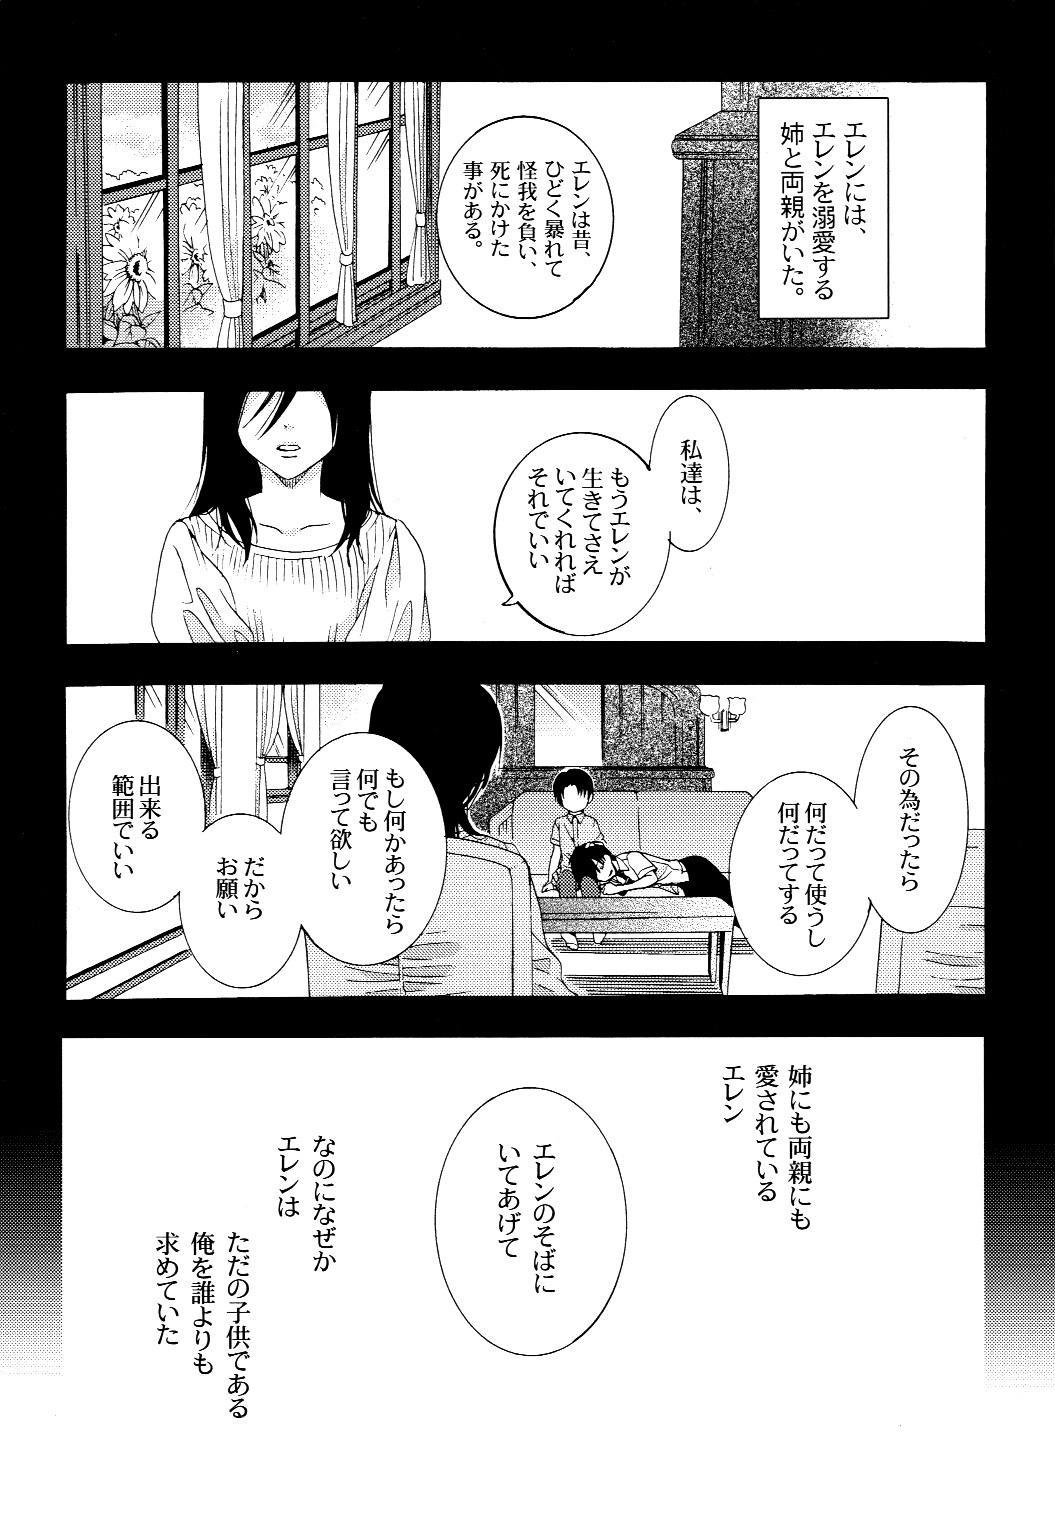 Himawari no Saku Fuyu 24